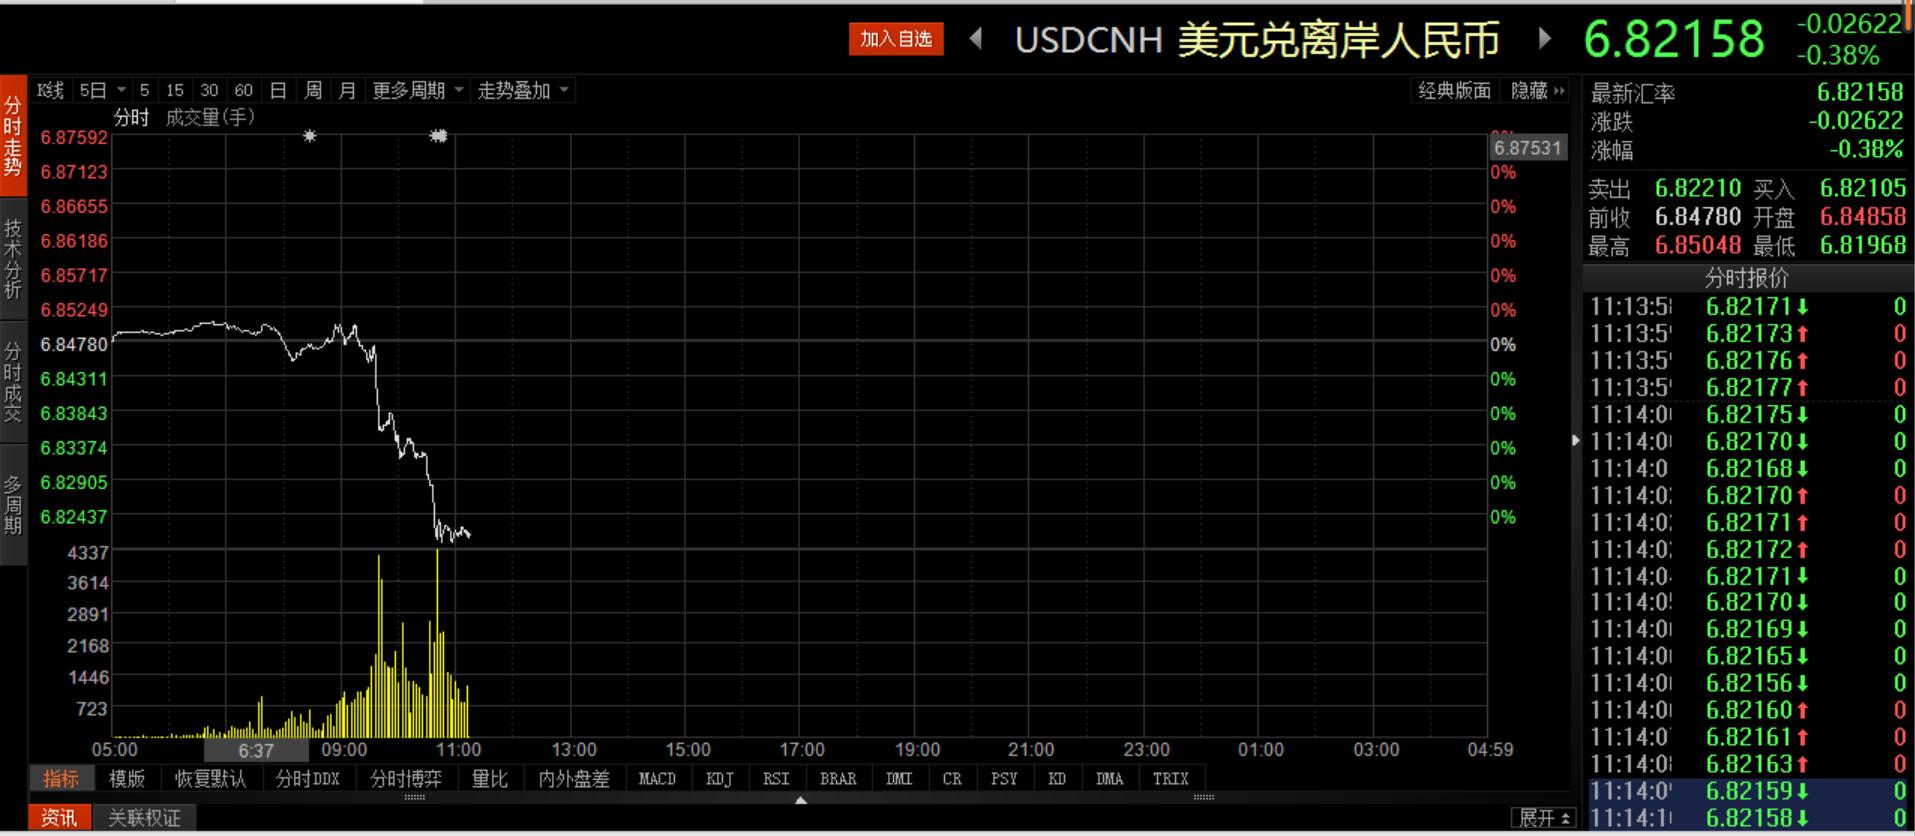 再破阻力位!在岸、离岸人民币对美元汇率盘中升破6.82